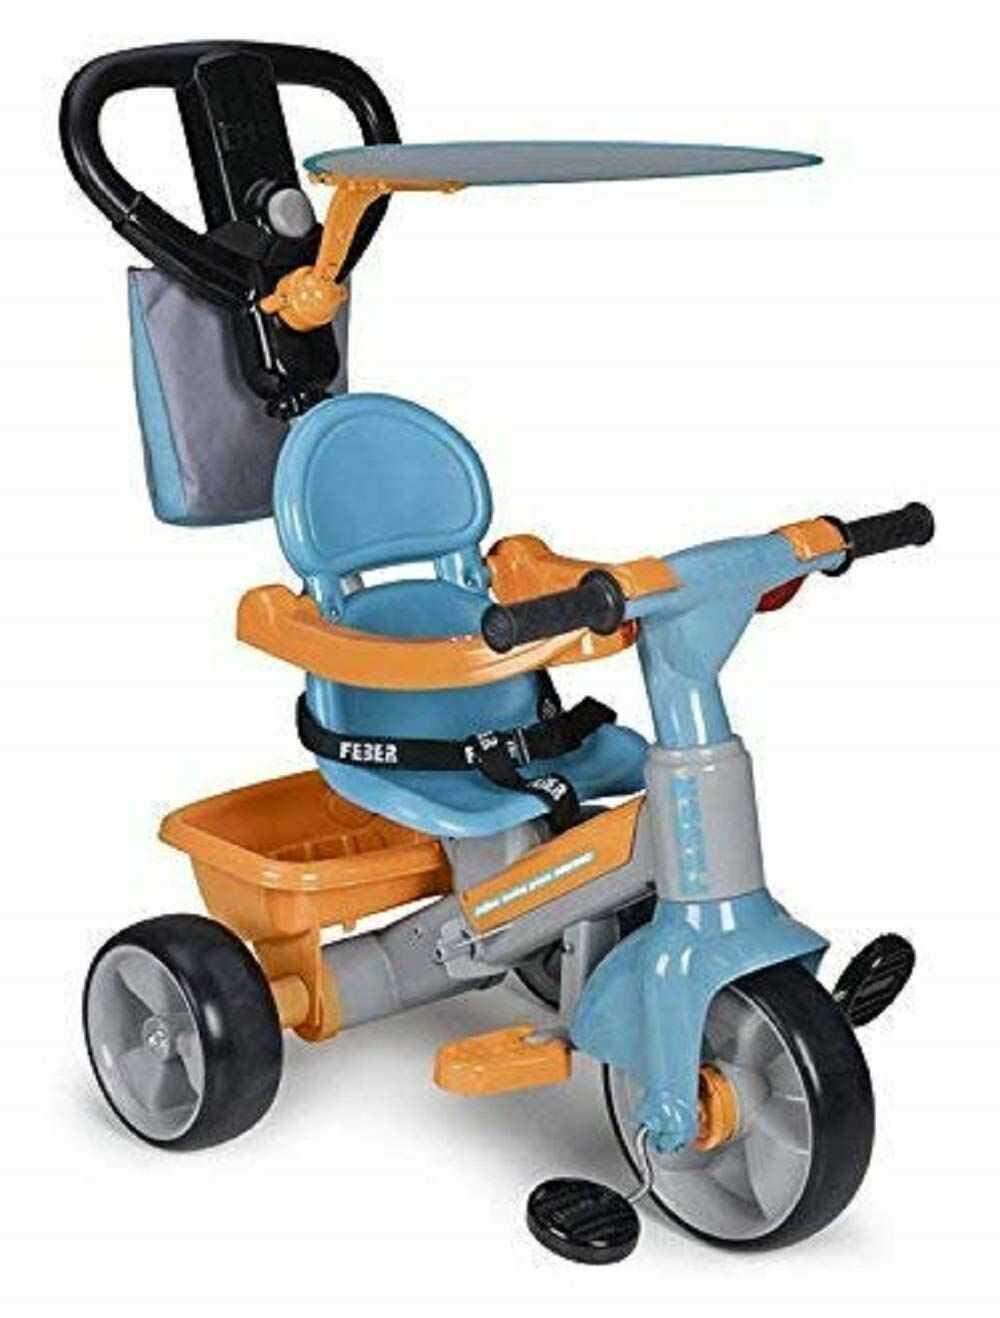 FEBER Famosa 80009614 - Ewolucyjna trójkołowa Baby plus muzyka dla dziewczynek w wieku od 9 miesięcy do 3 lat, niebieska